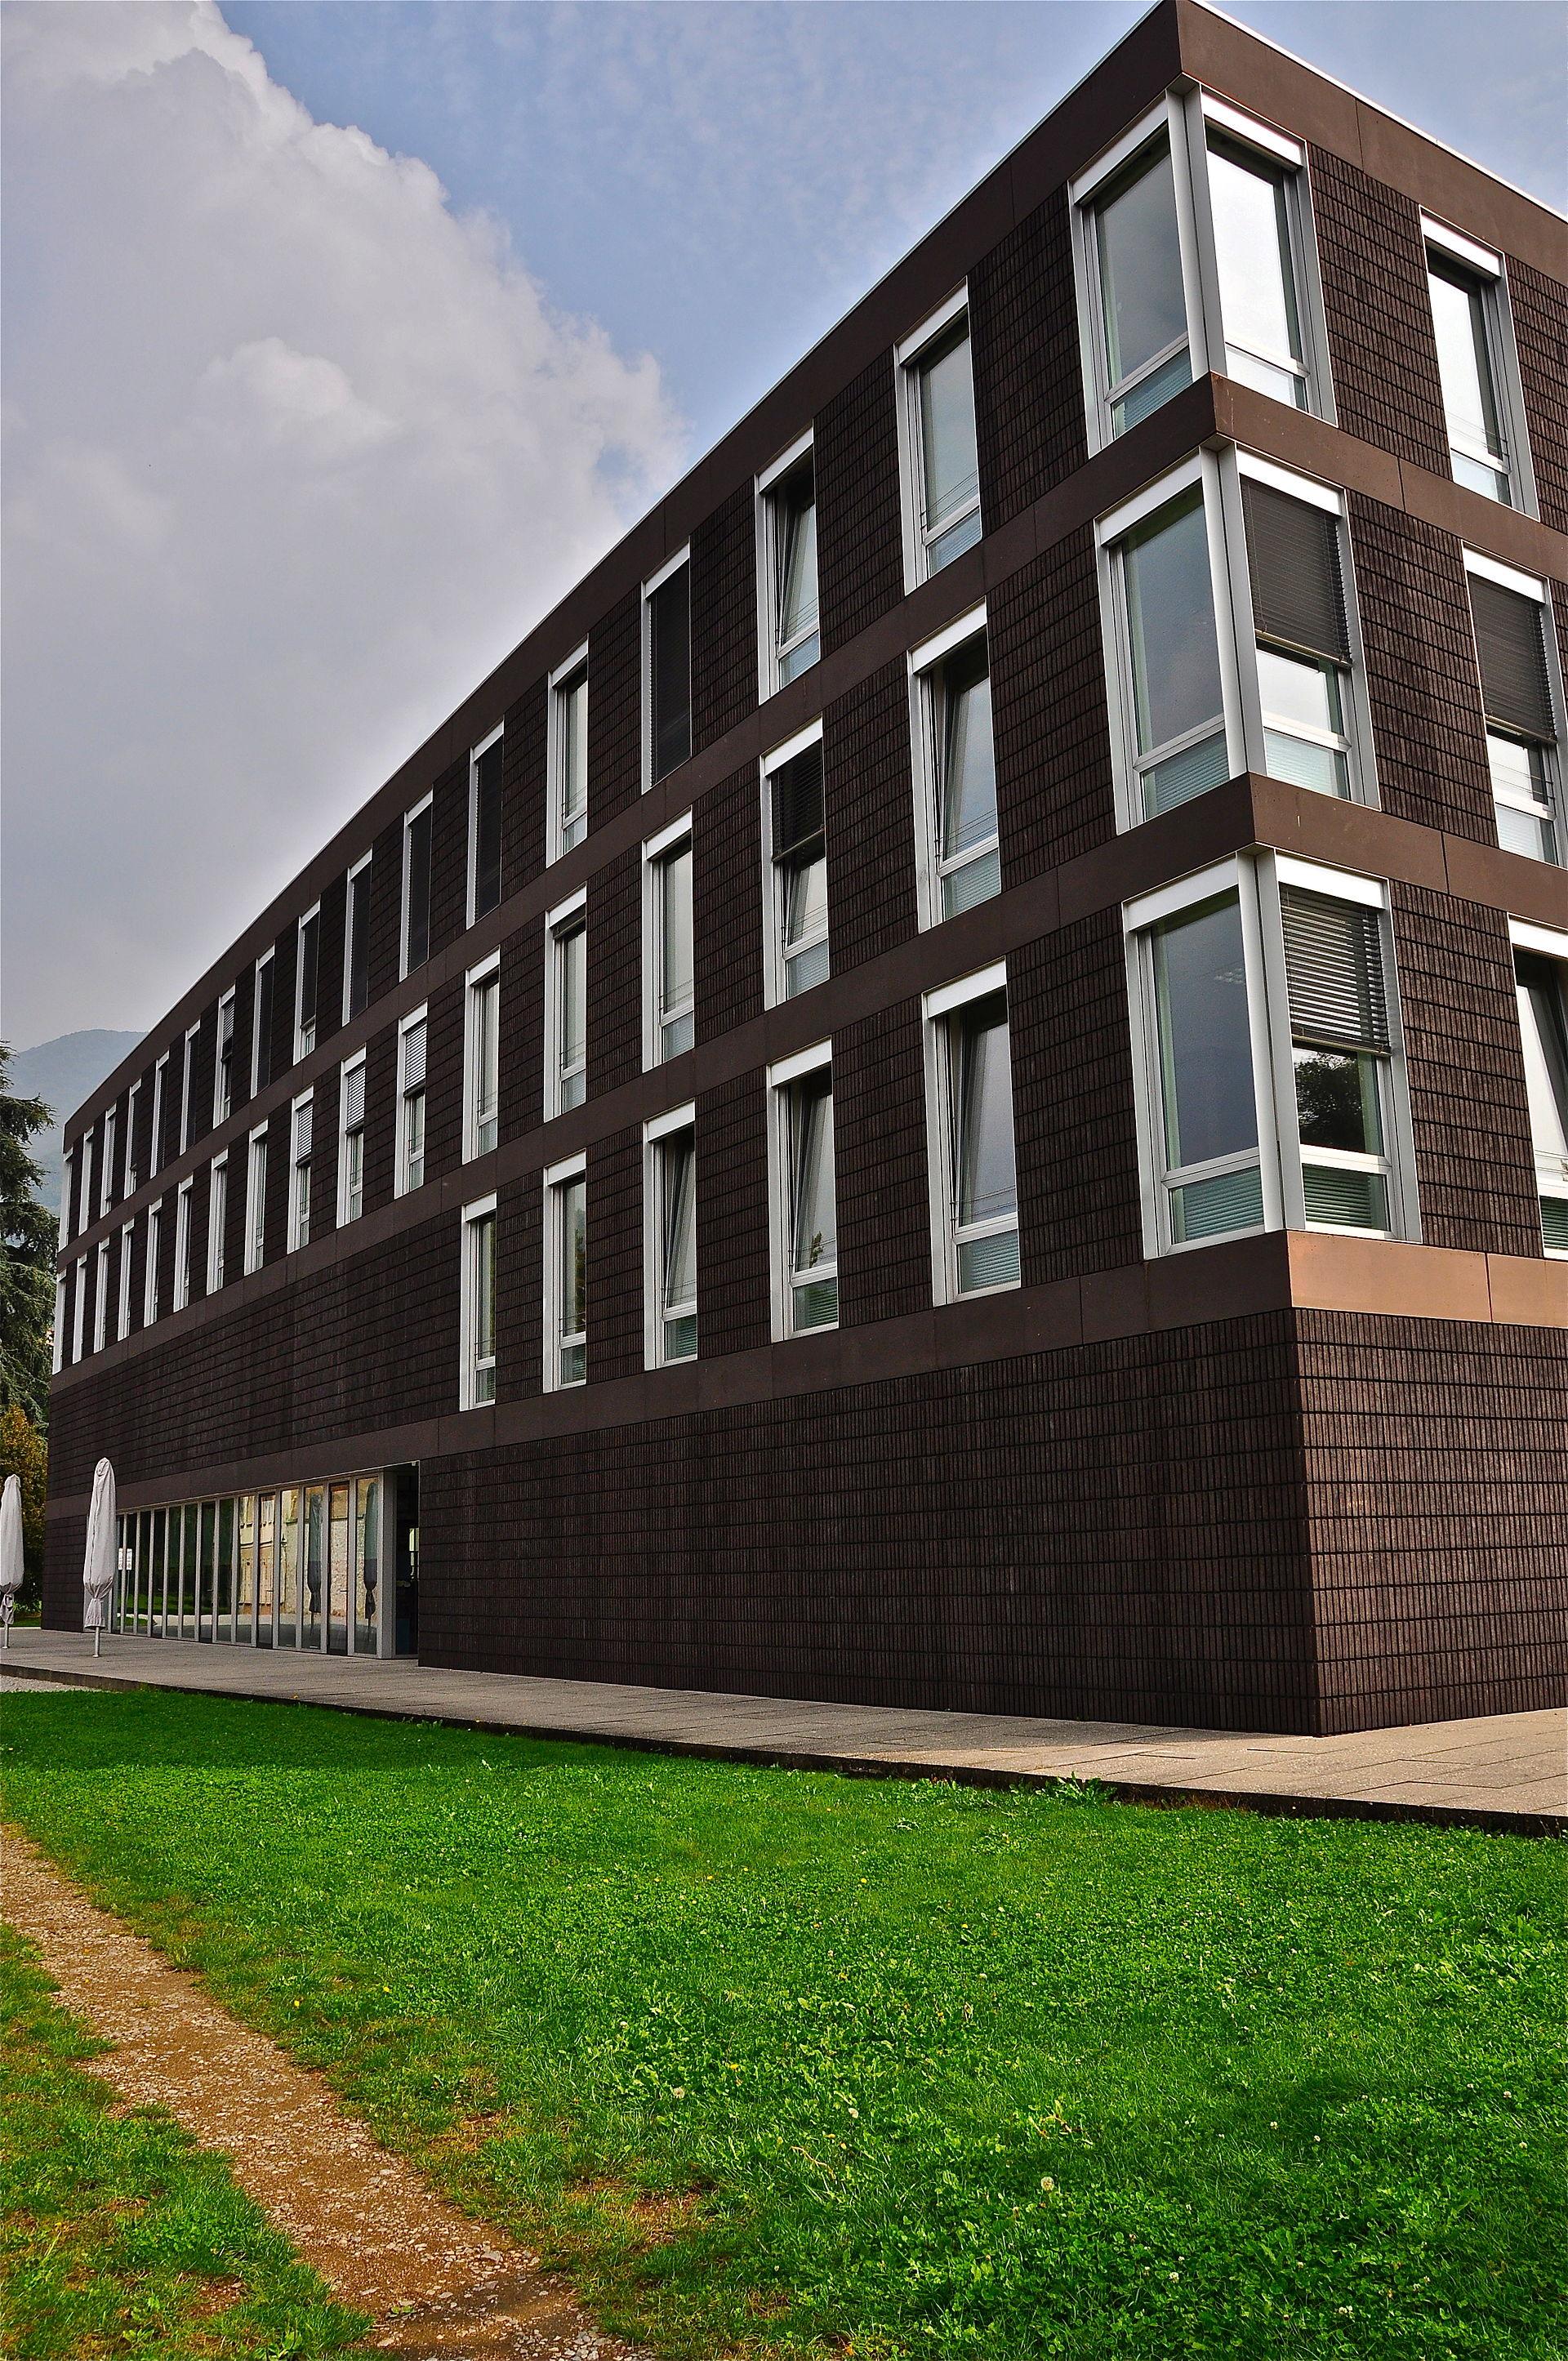 Accademia di Architettura di Mendrisio  Wikipedia